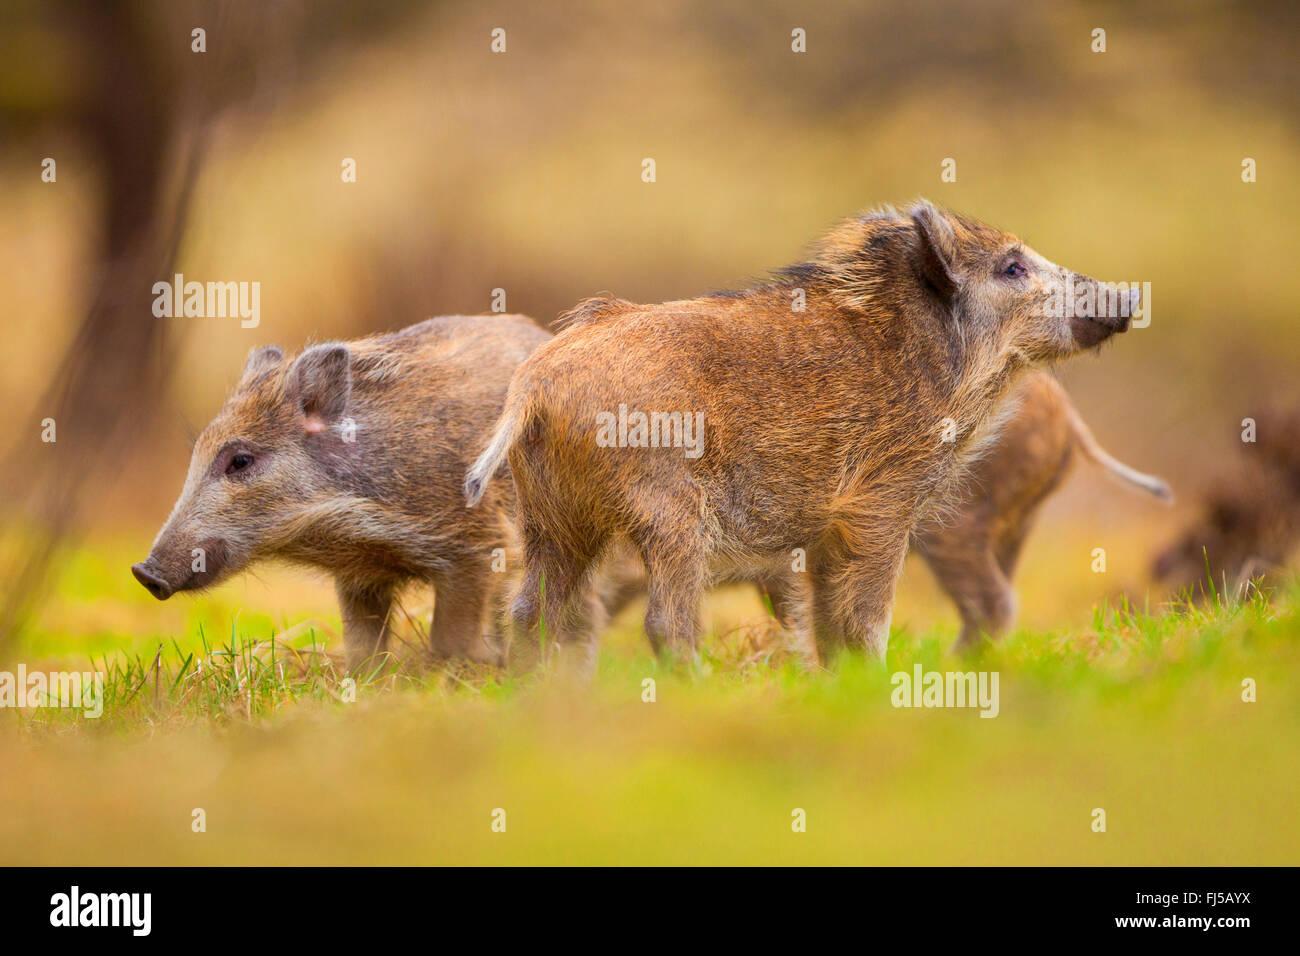 Wildschwein, Schwein, Wildschwein (Sus Scrofa), Runts, Deutschland, Rheinland-Pfalz Stockbild